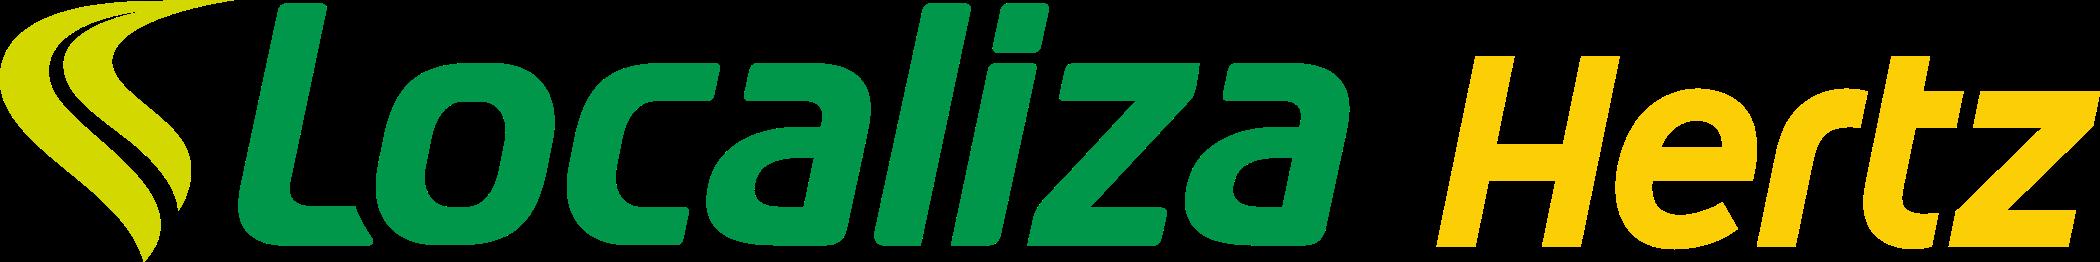 localiza hertz logo 3 - Localiza Hertz Logo